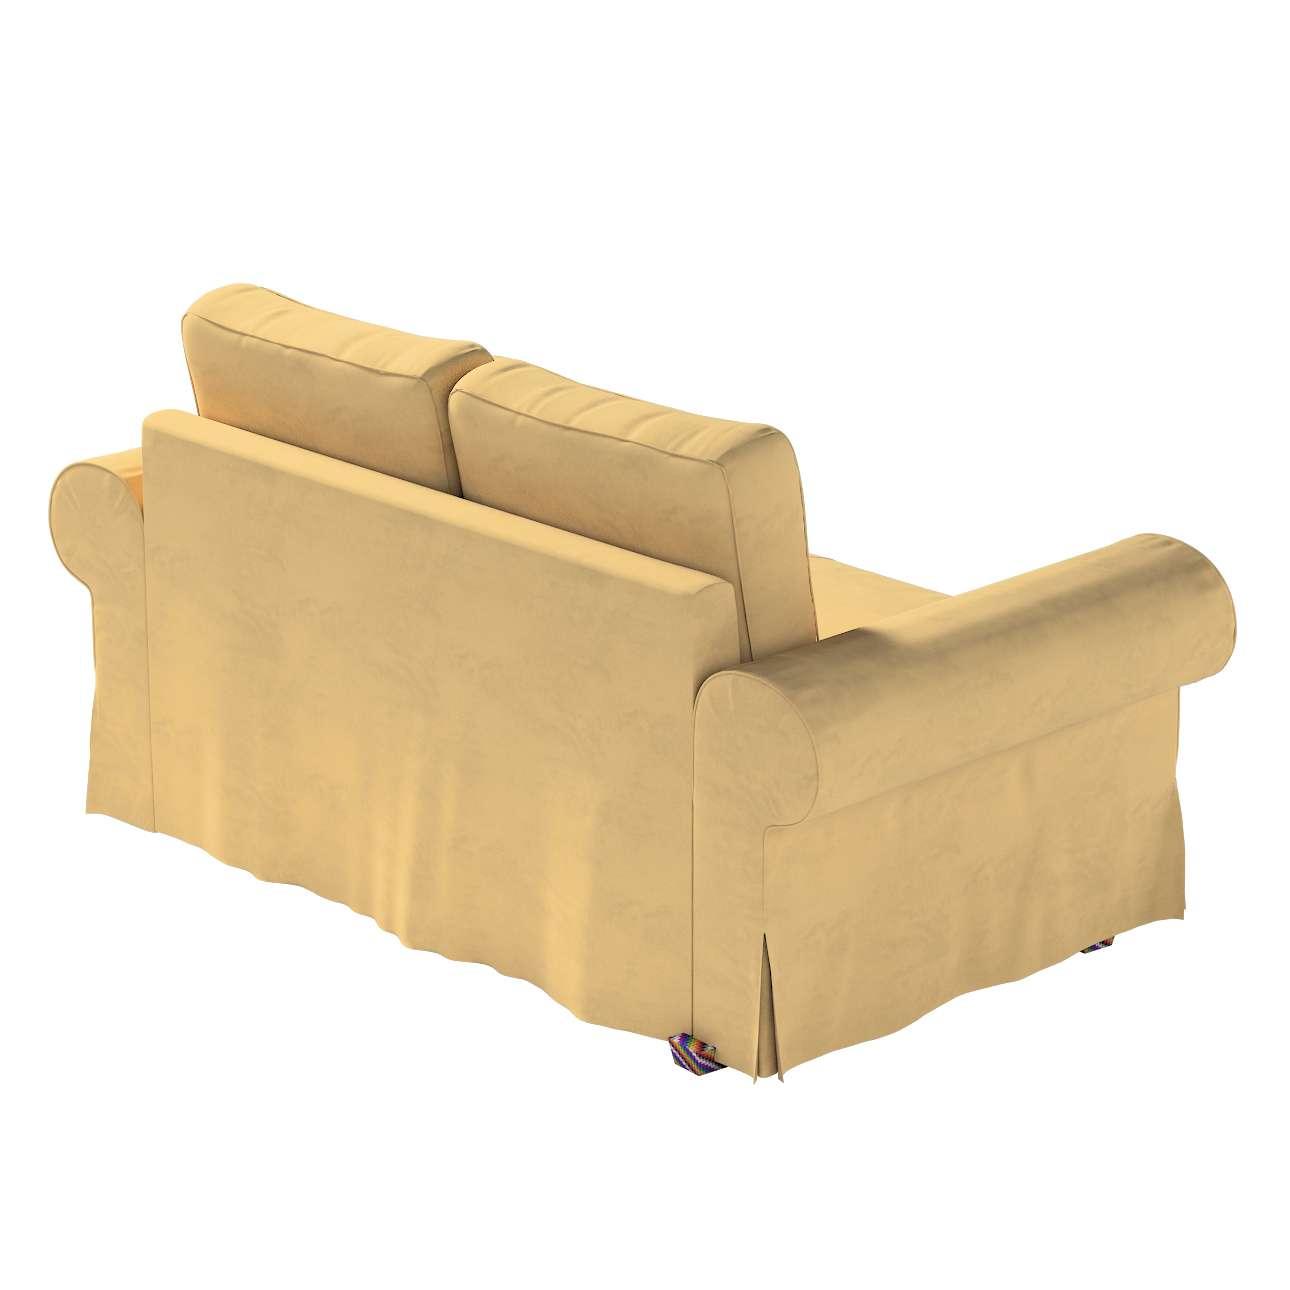 Backabro 2-Sitzer Sofabezug nicht ausklappbar von der Kollektion Living, Stoff: 160-93